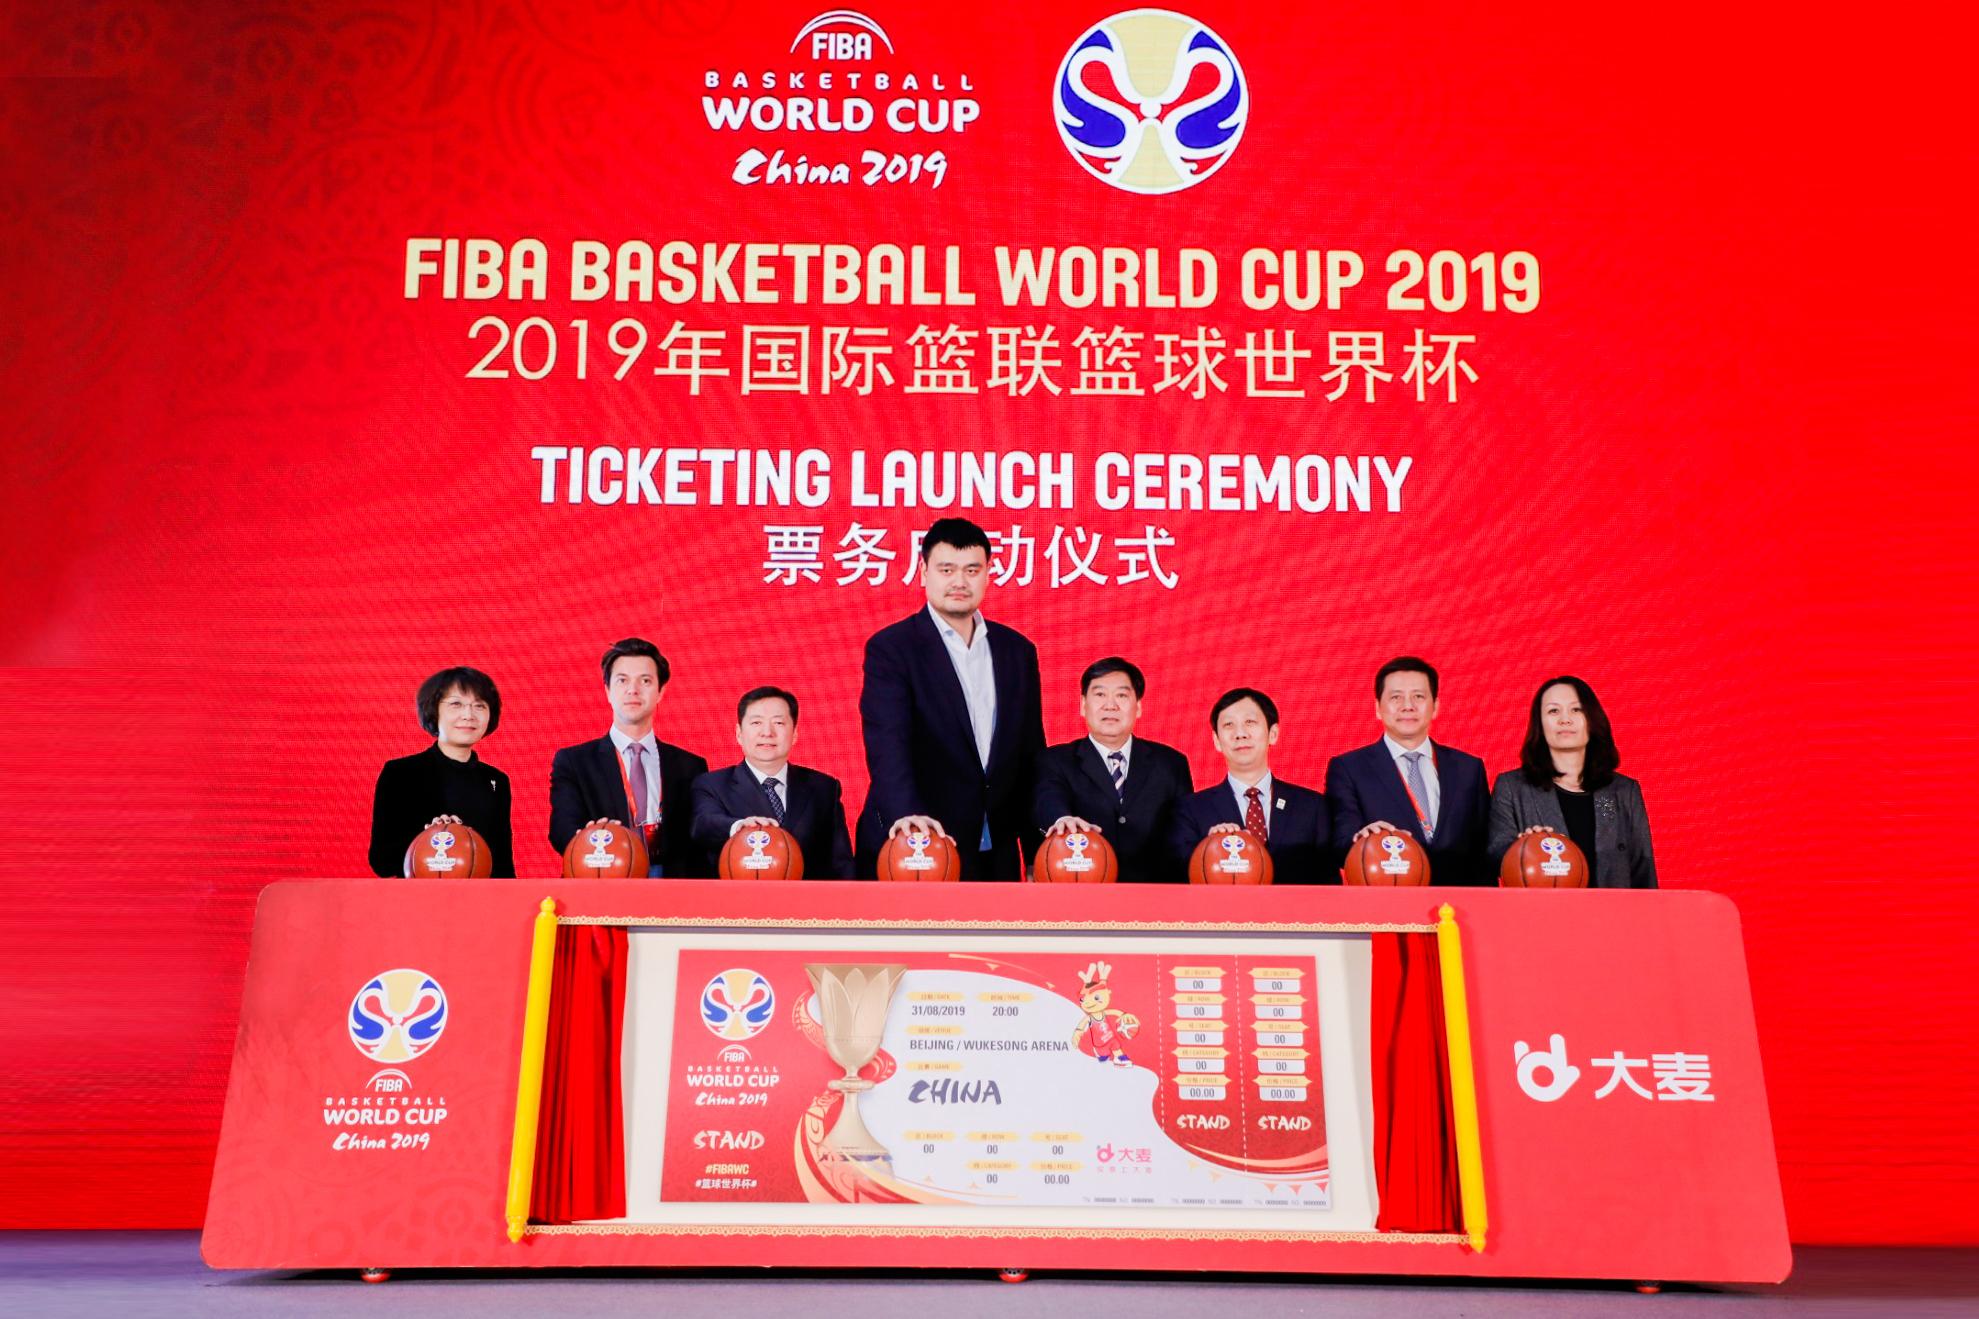 大麦网独代2019篮球世界杯 32支球队套票9折首发